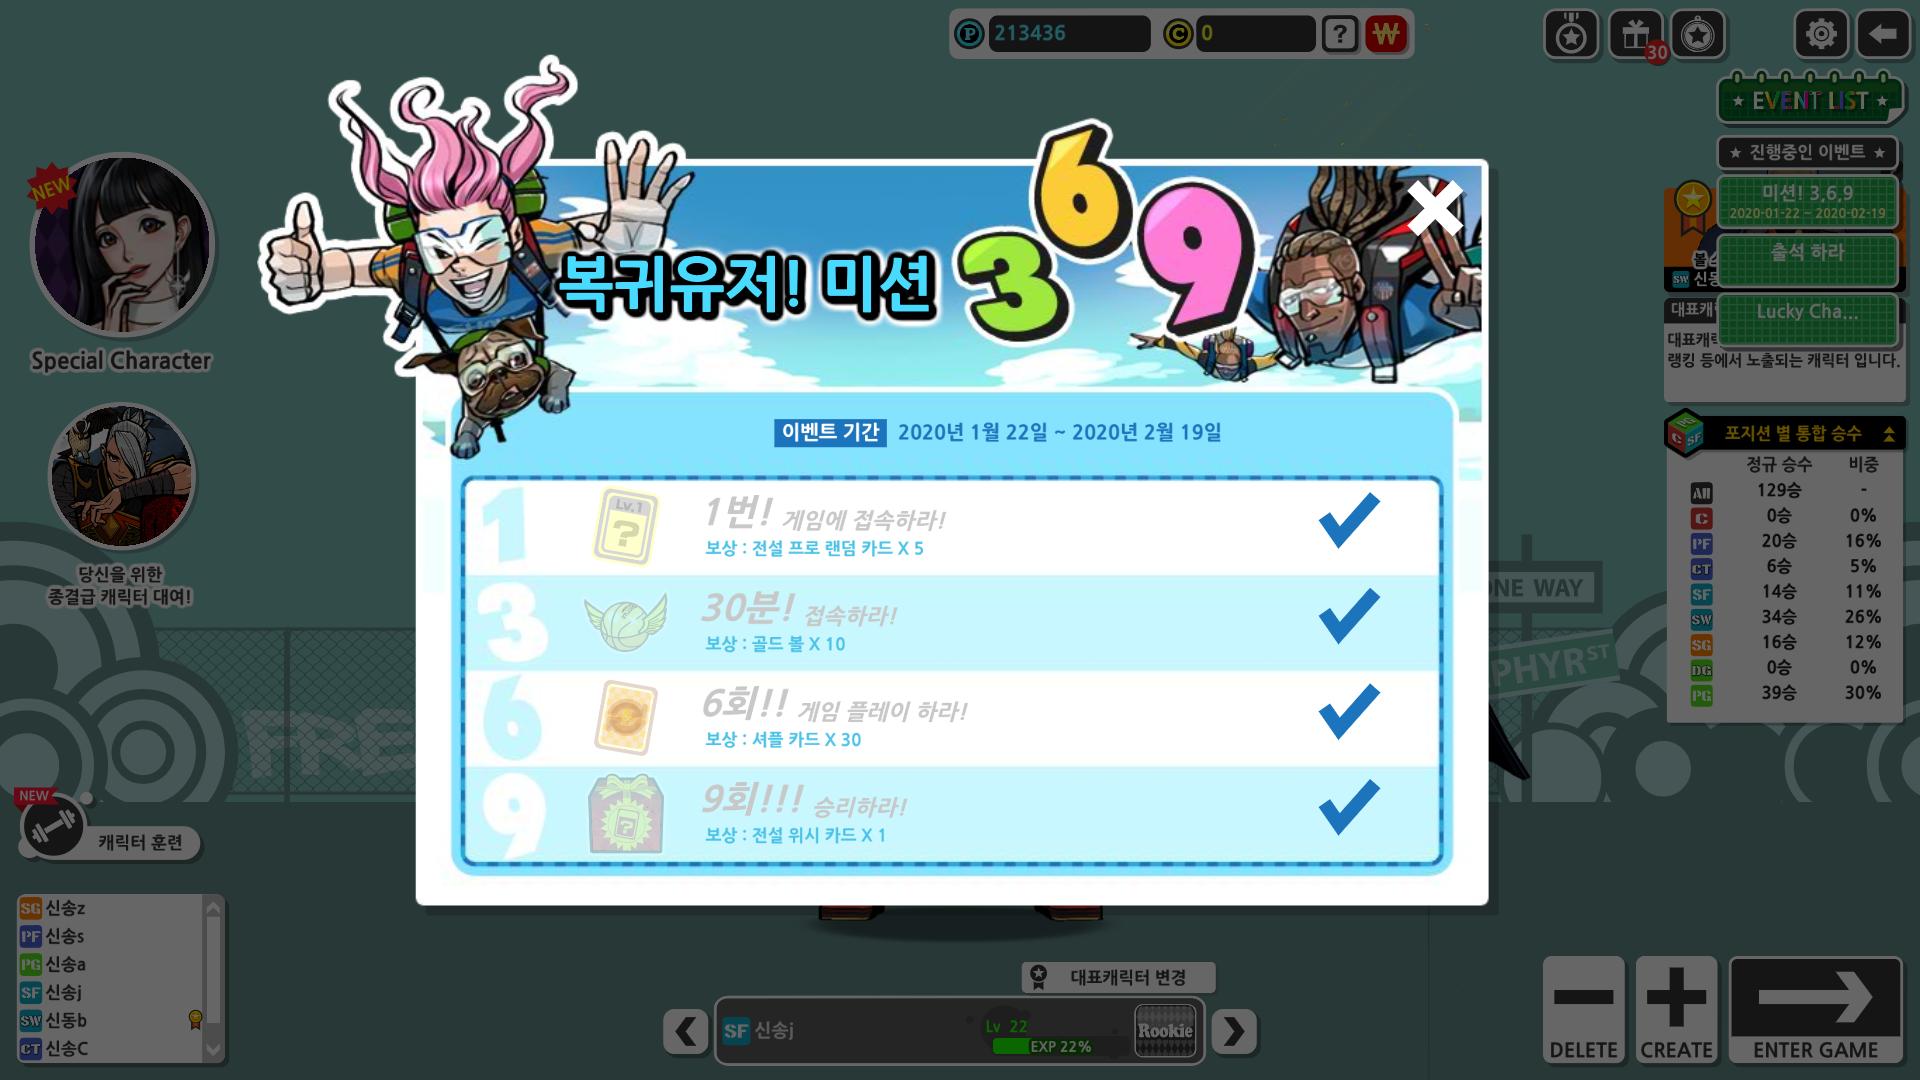 복귀 이벤트 완료오 !!!!!